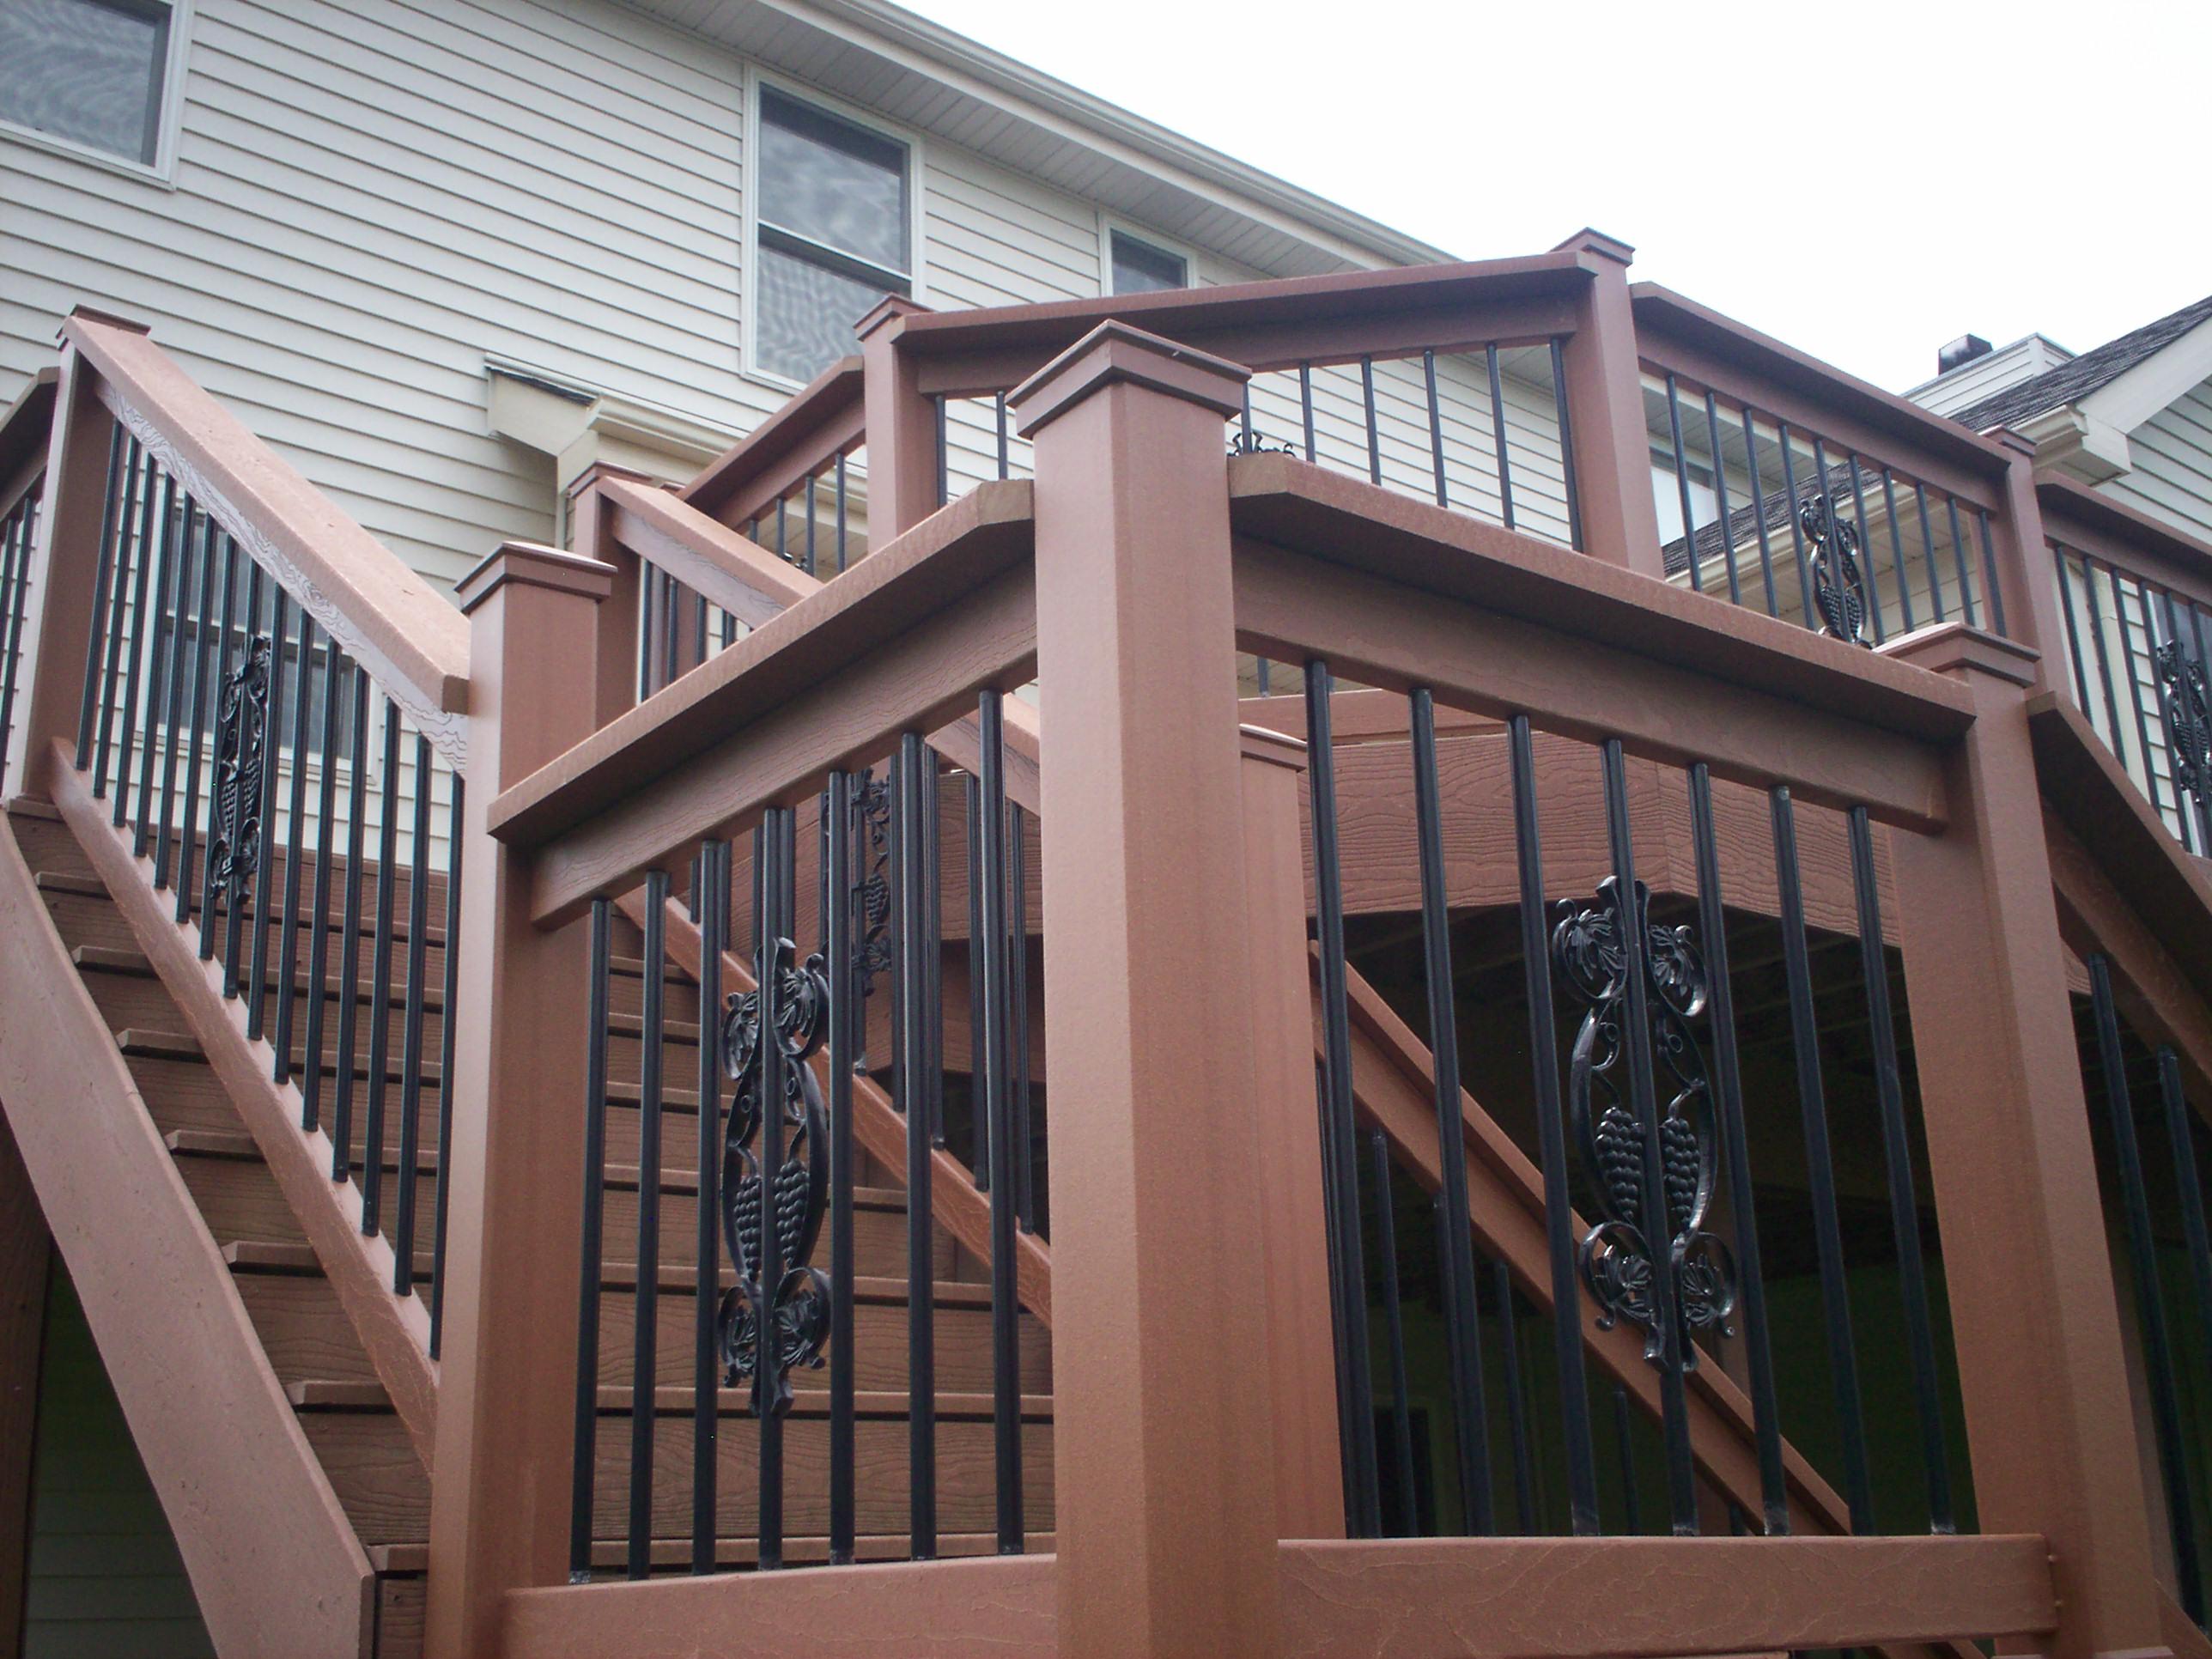 Composite deck composite deck evergrain for Evergrain com